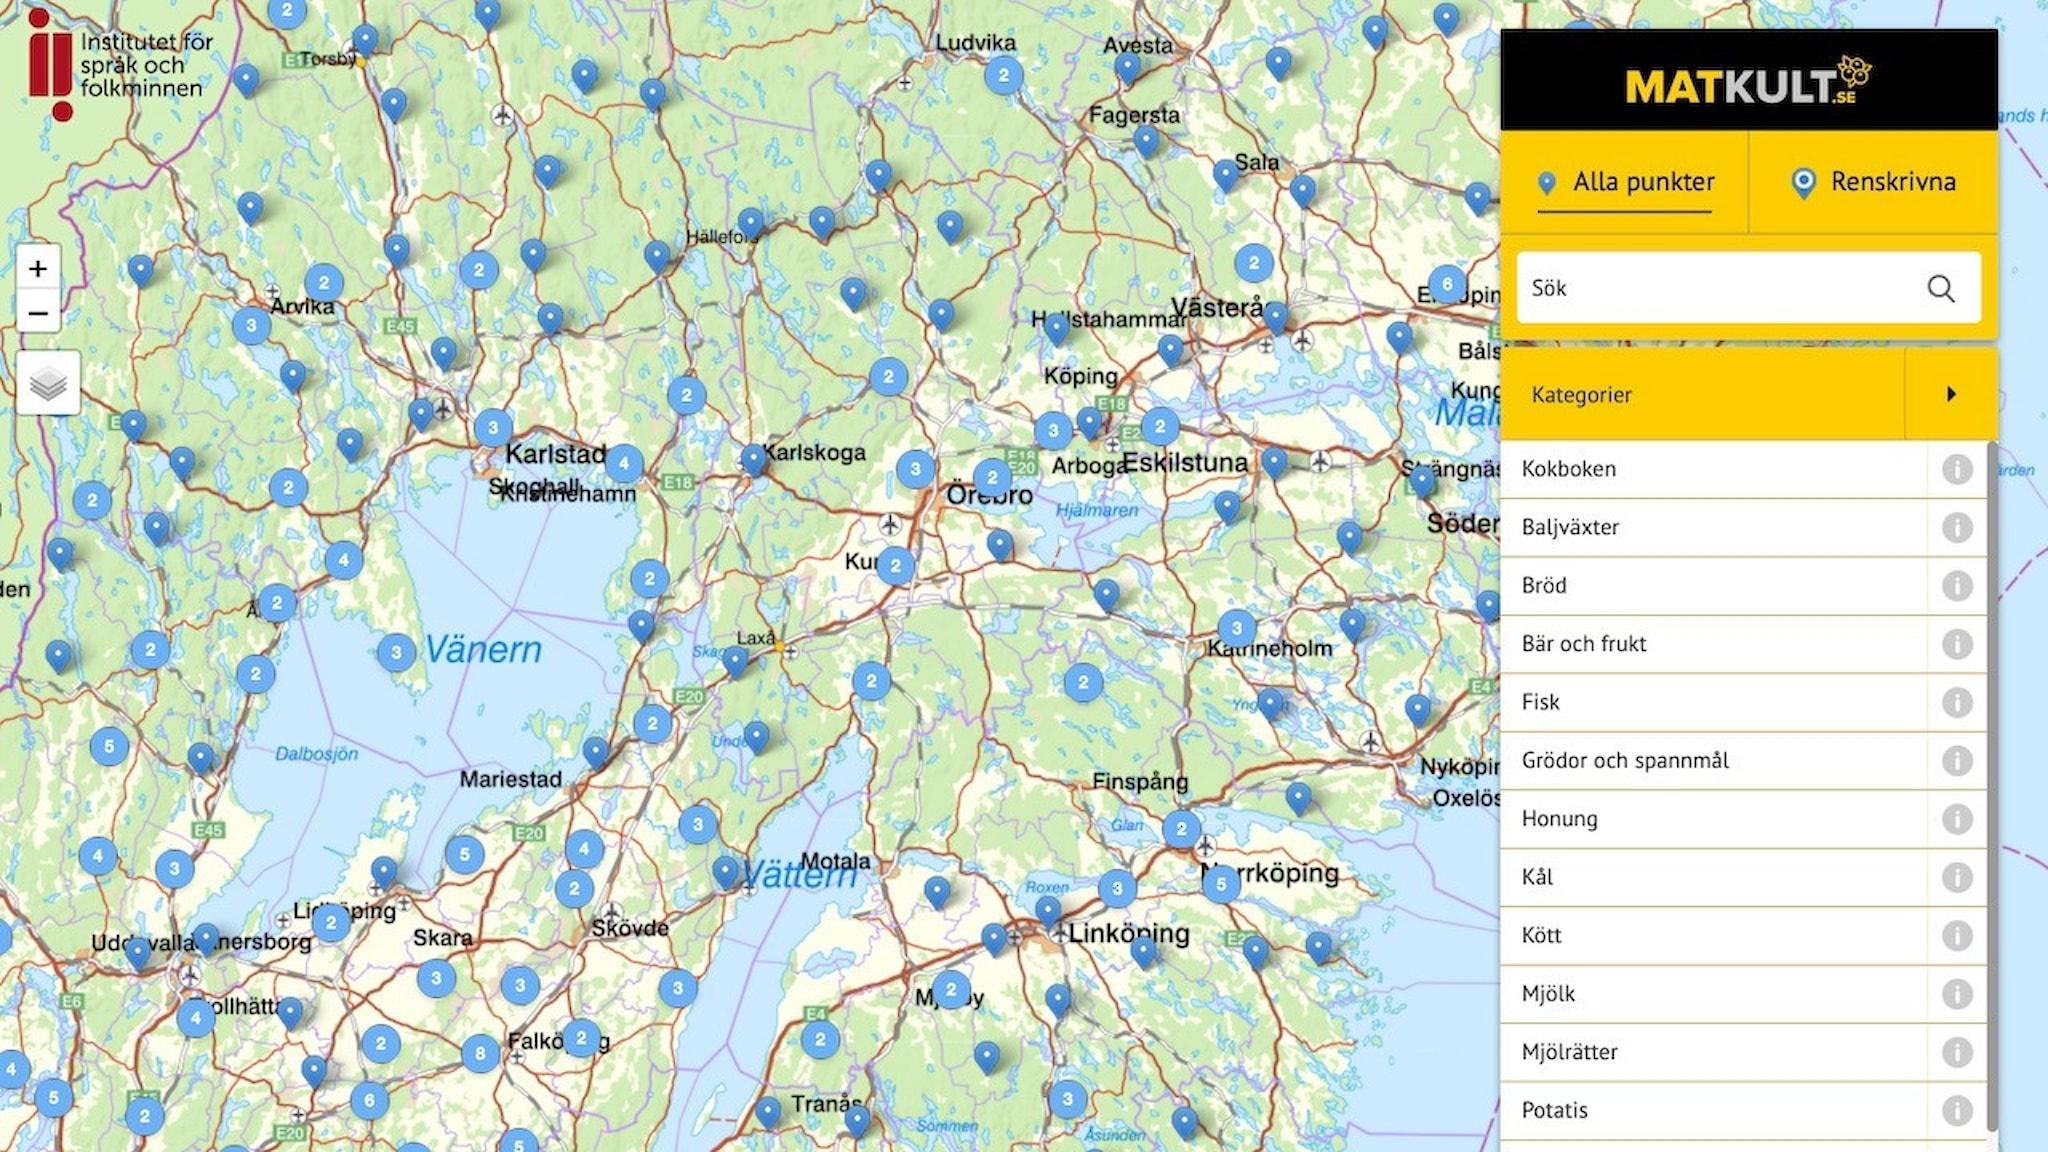 Sök på kartan efter mathistoria från din trakt.